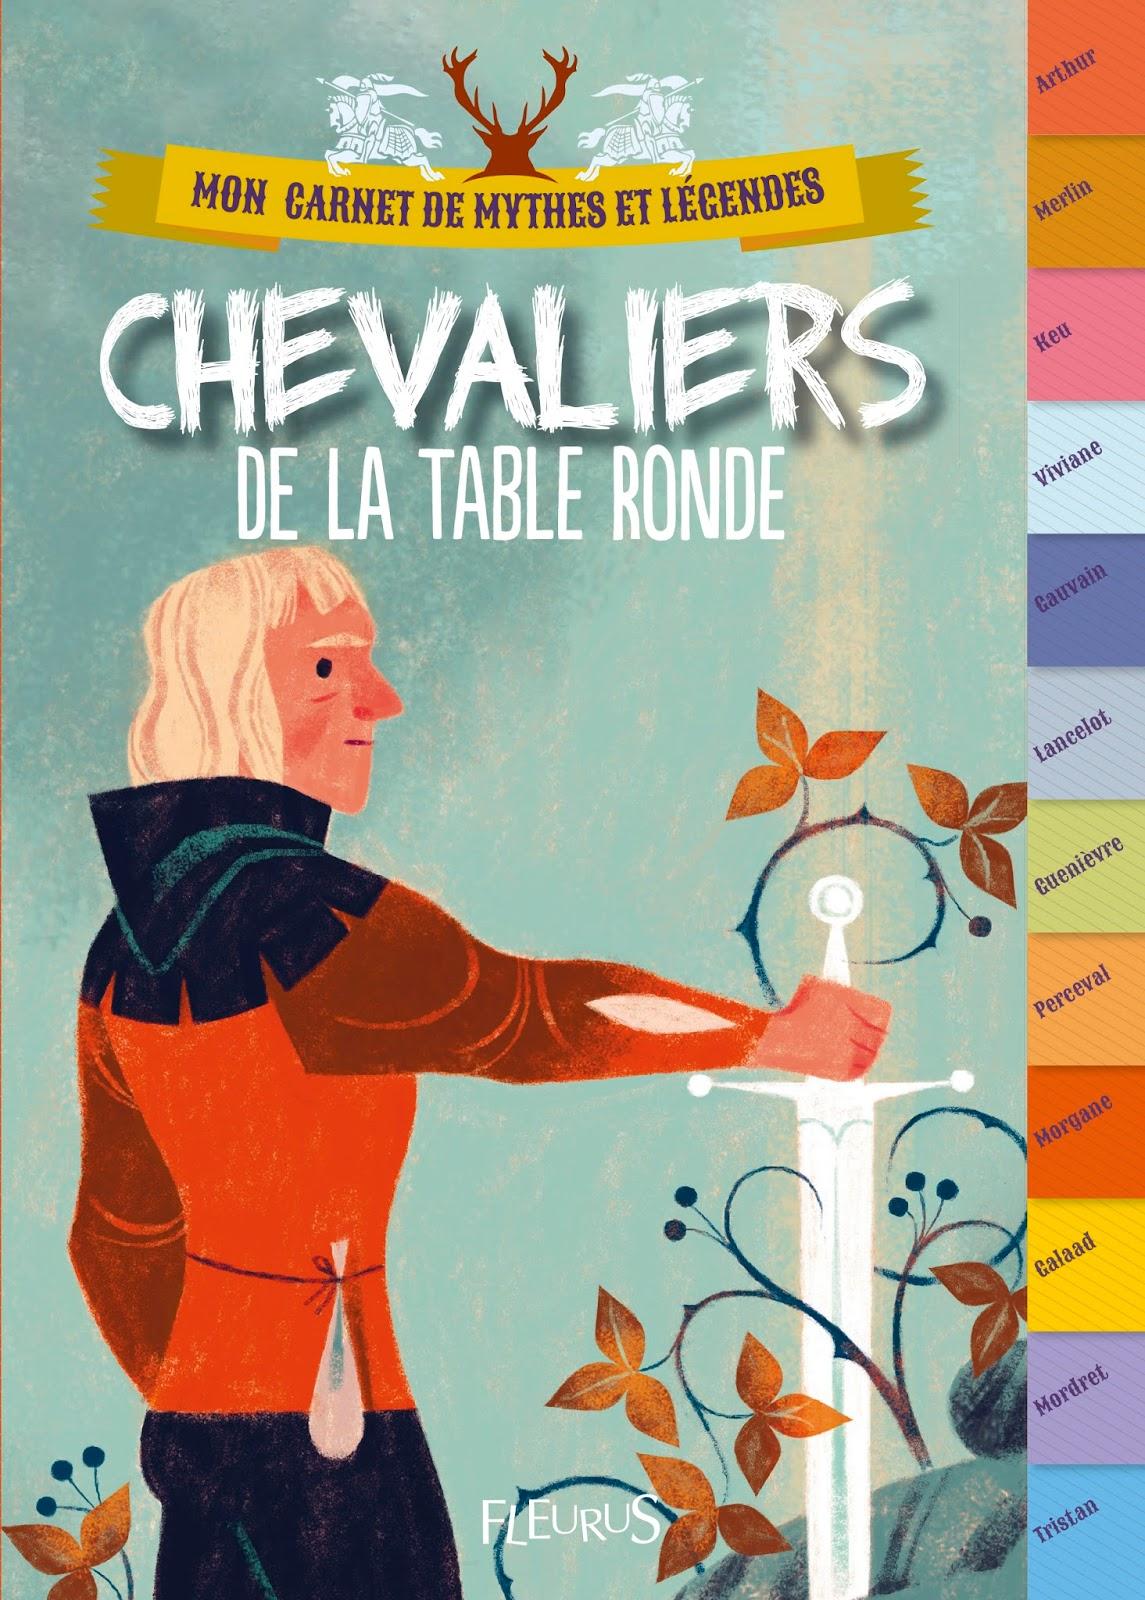 Liste des nouv doc et dvd section jeunesse et 2017 - Liste des chevaliers de la table ronde ...